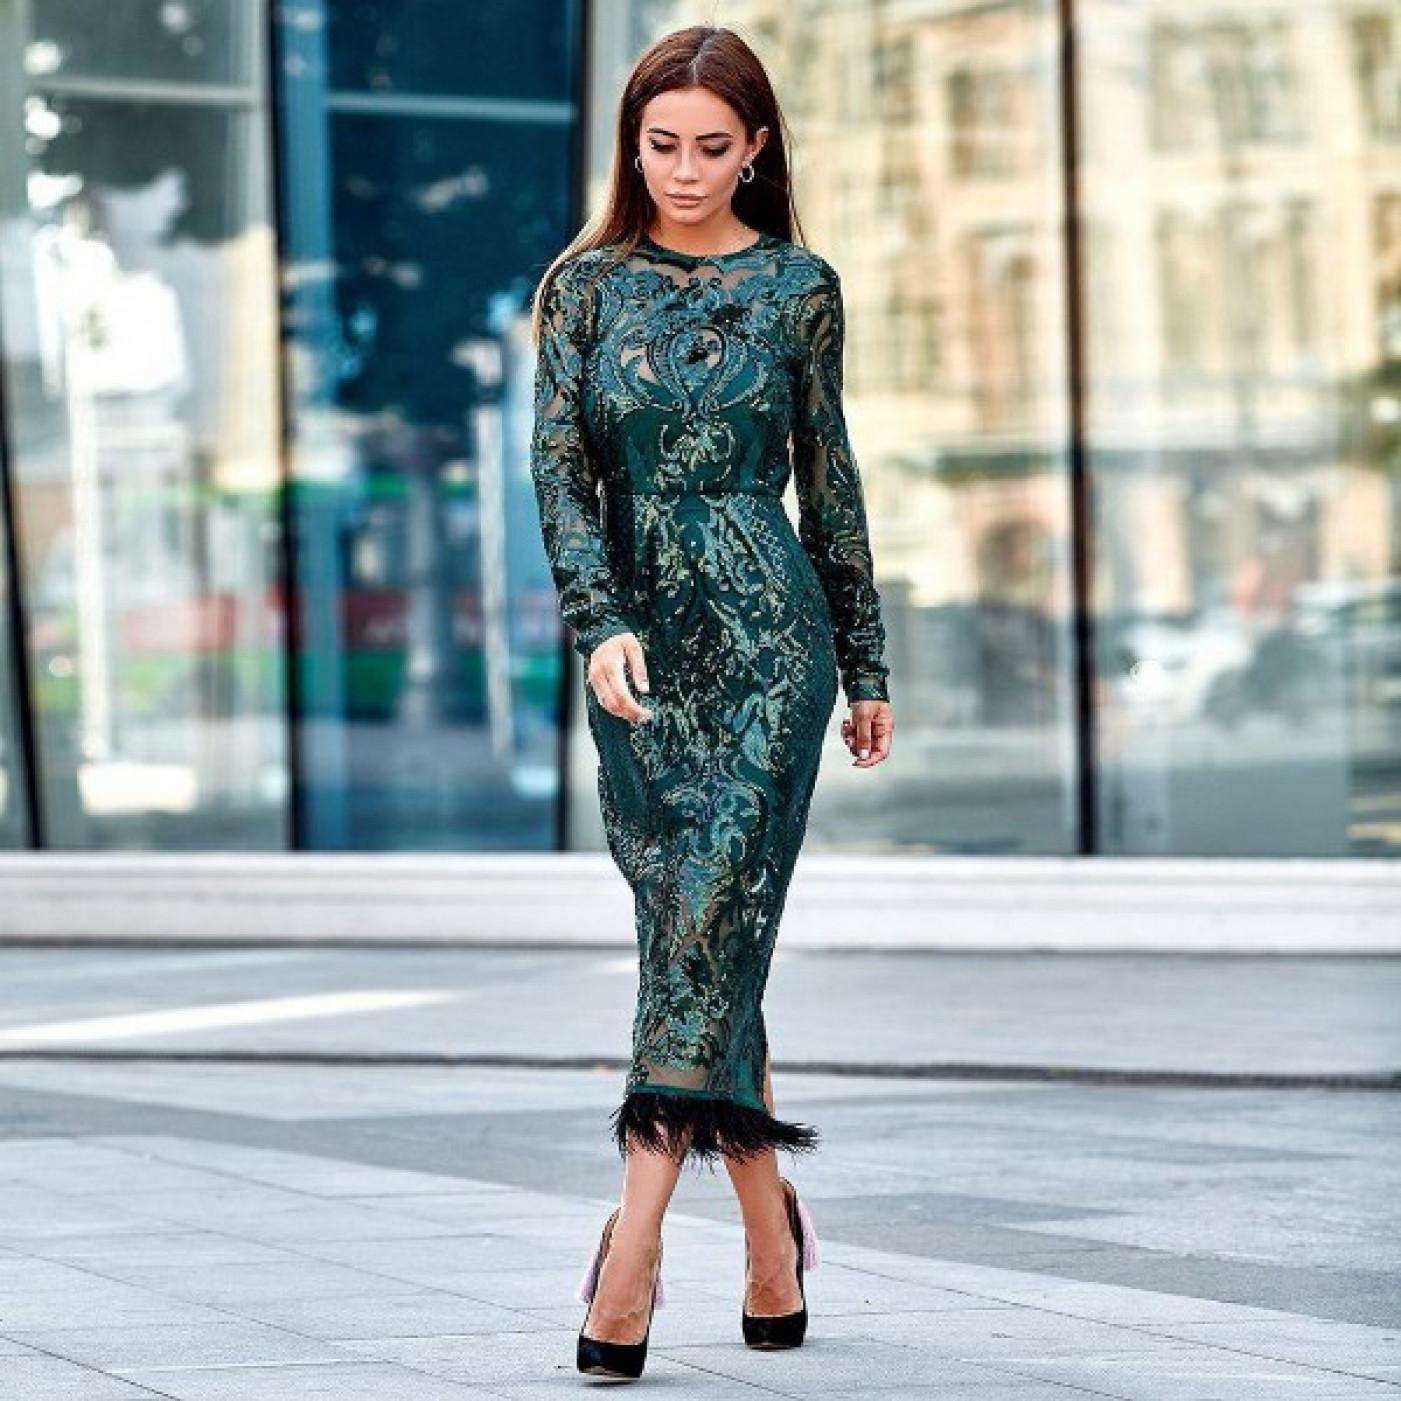 Елегантне плаття з візерунком з паєток 11141